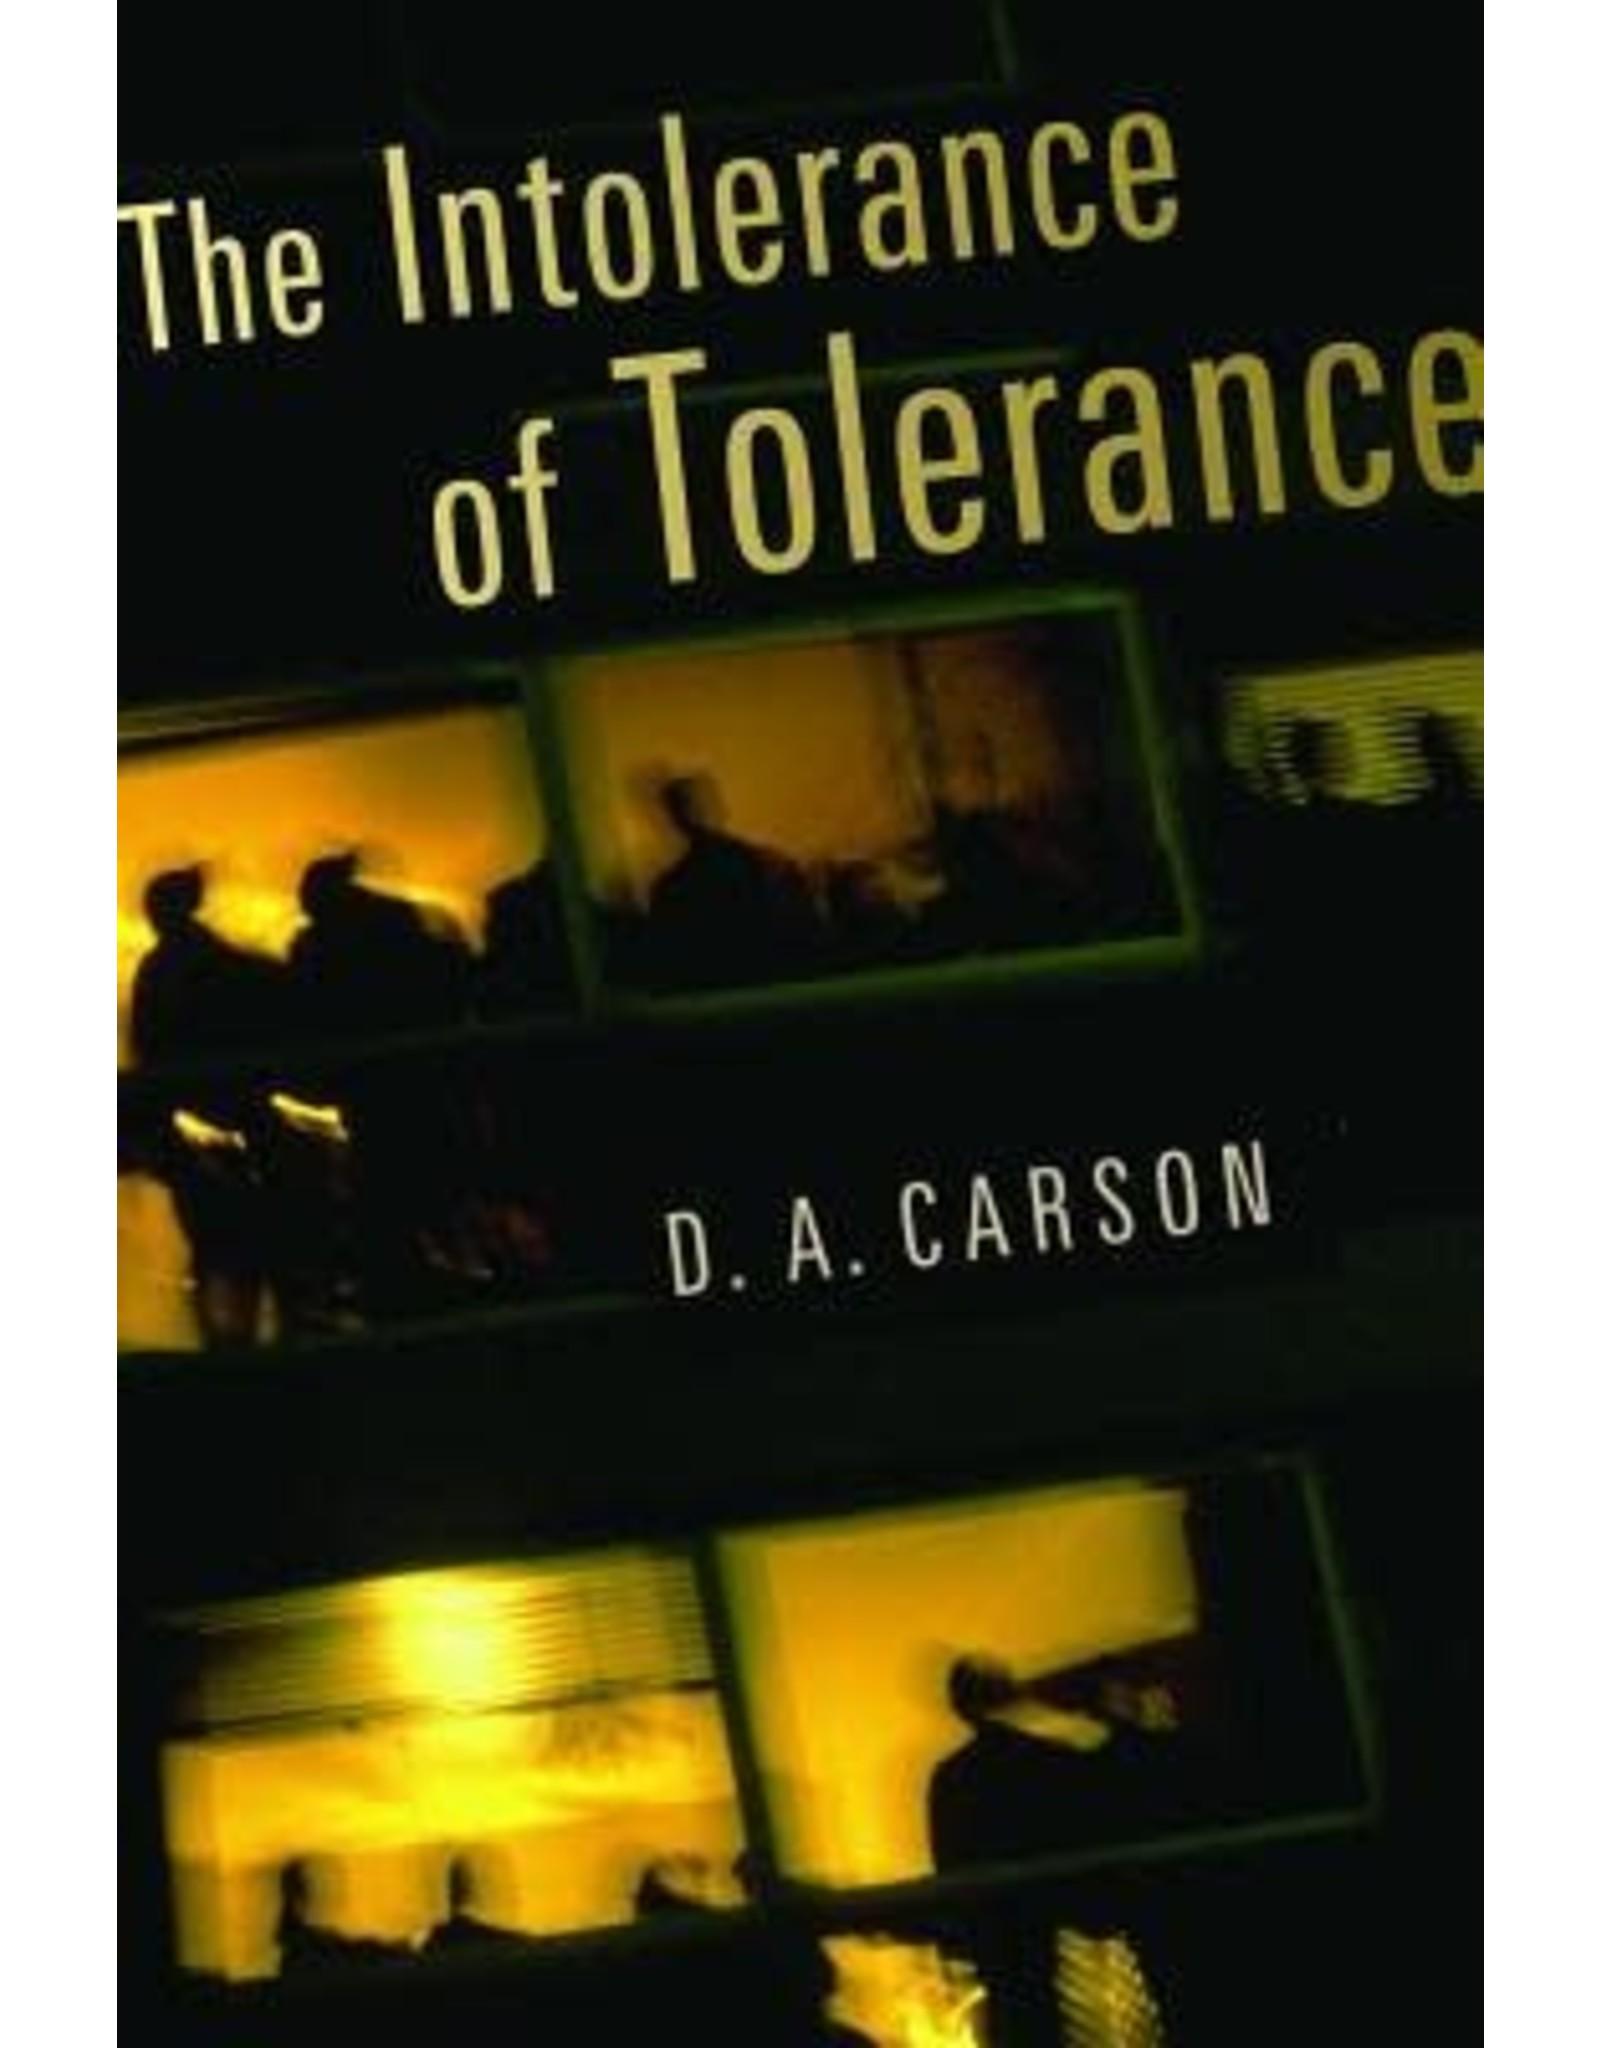 Carson The Intolerance of Tolerance